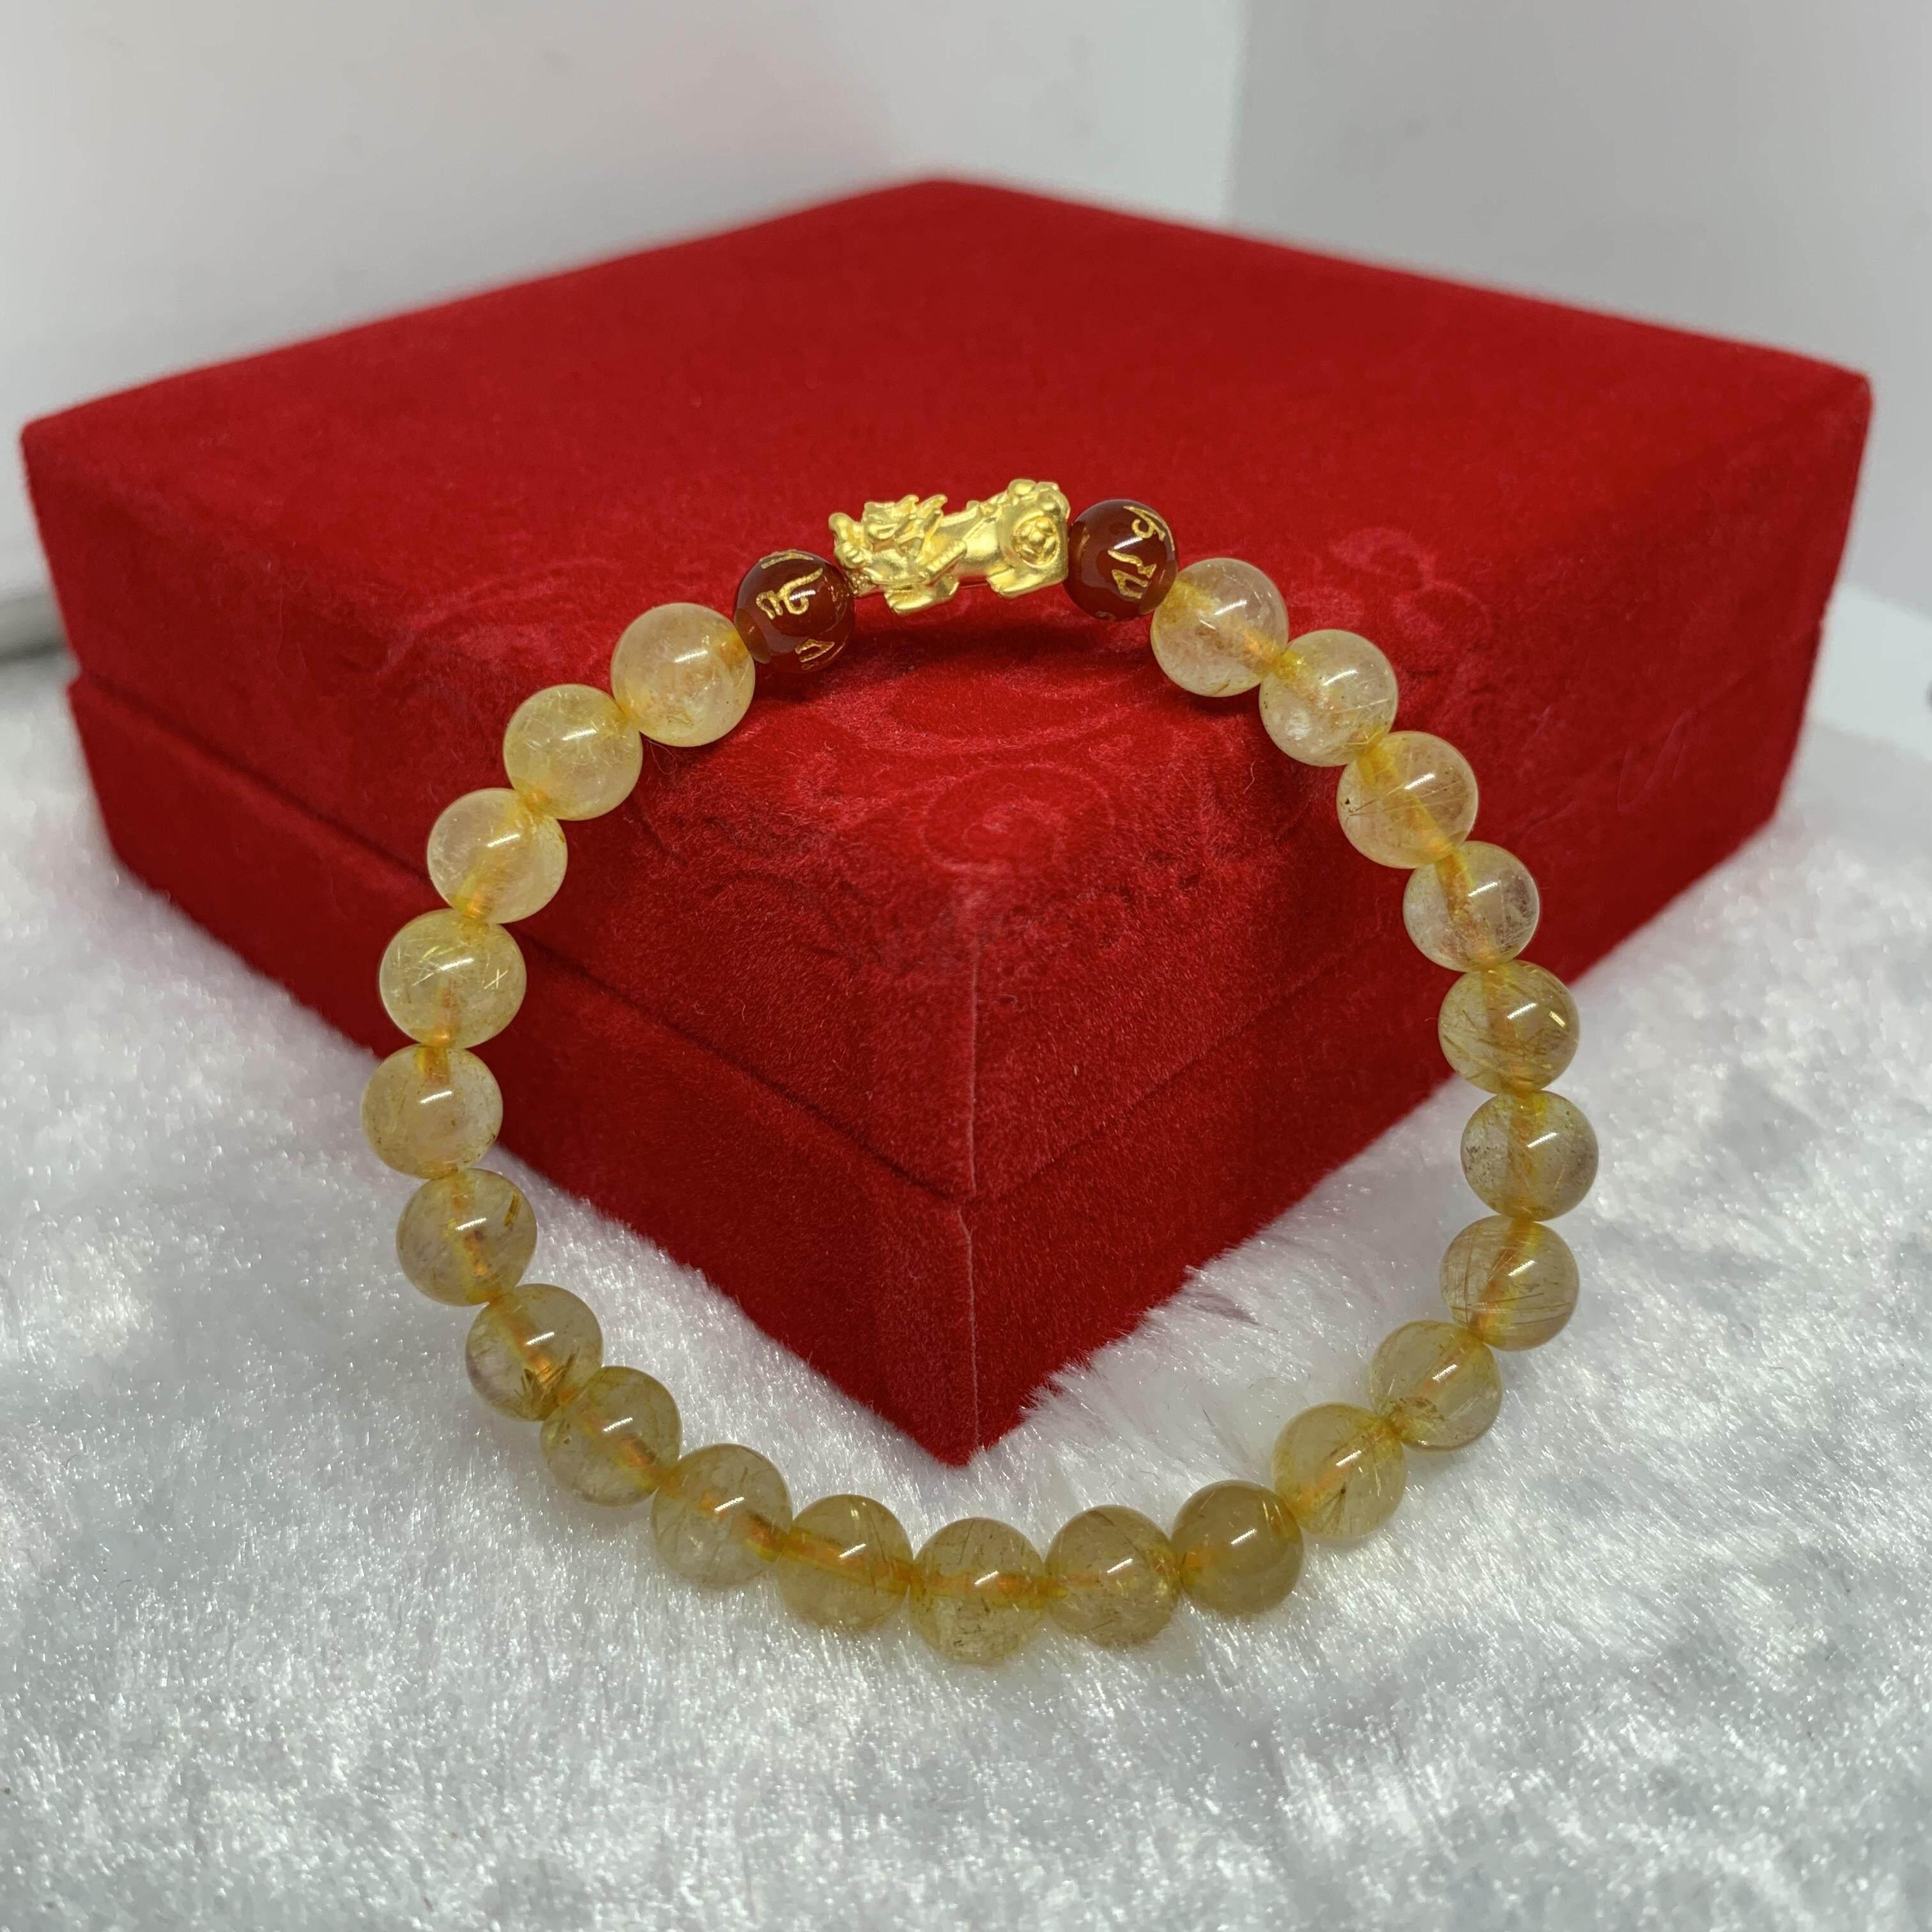 ปี่เซียะทองคำแท้ 99.99% ไหมทอง (golden Rutilated Quartz) หินเสริมความมั่งคั่งร่ำรวย เรียกโชคลาภ By Jinda Gold.